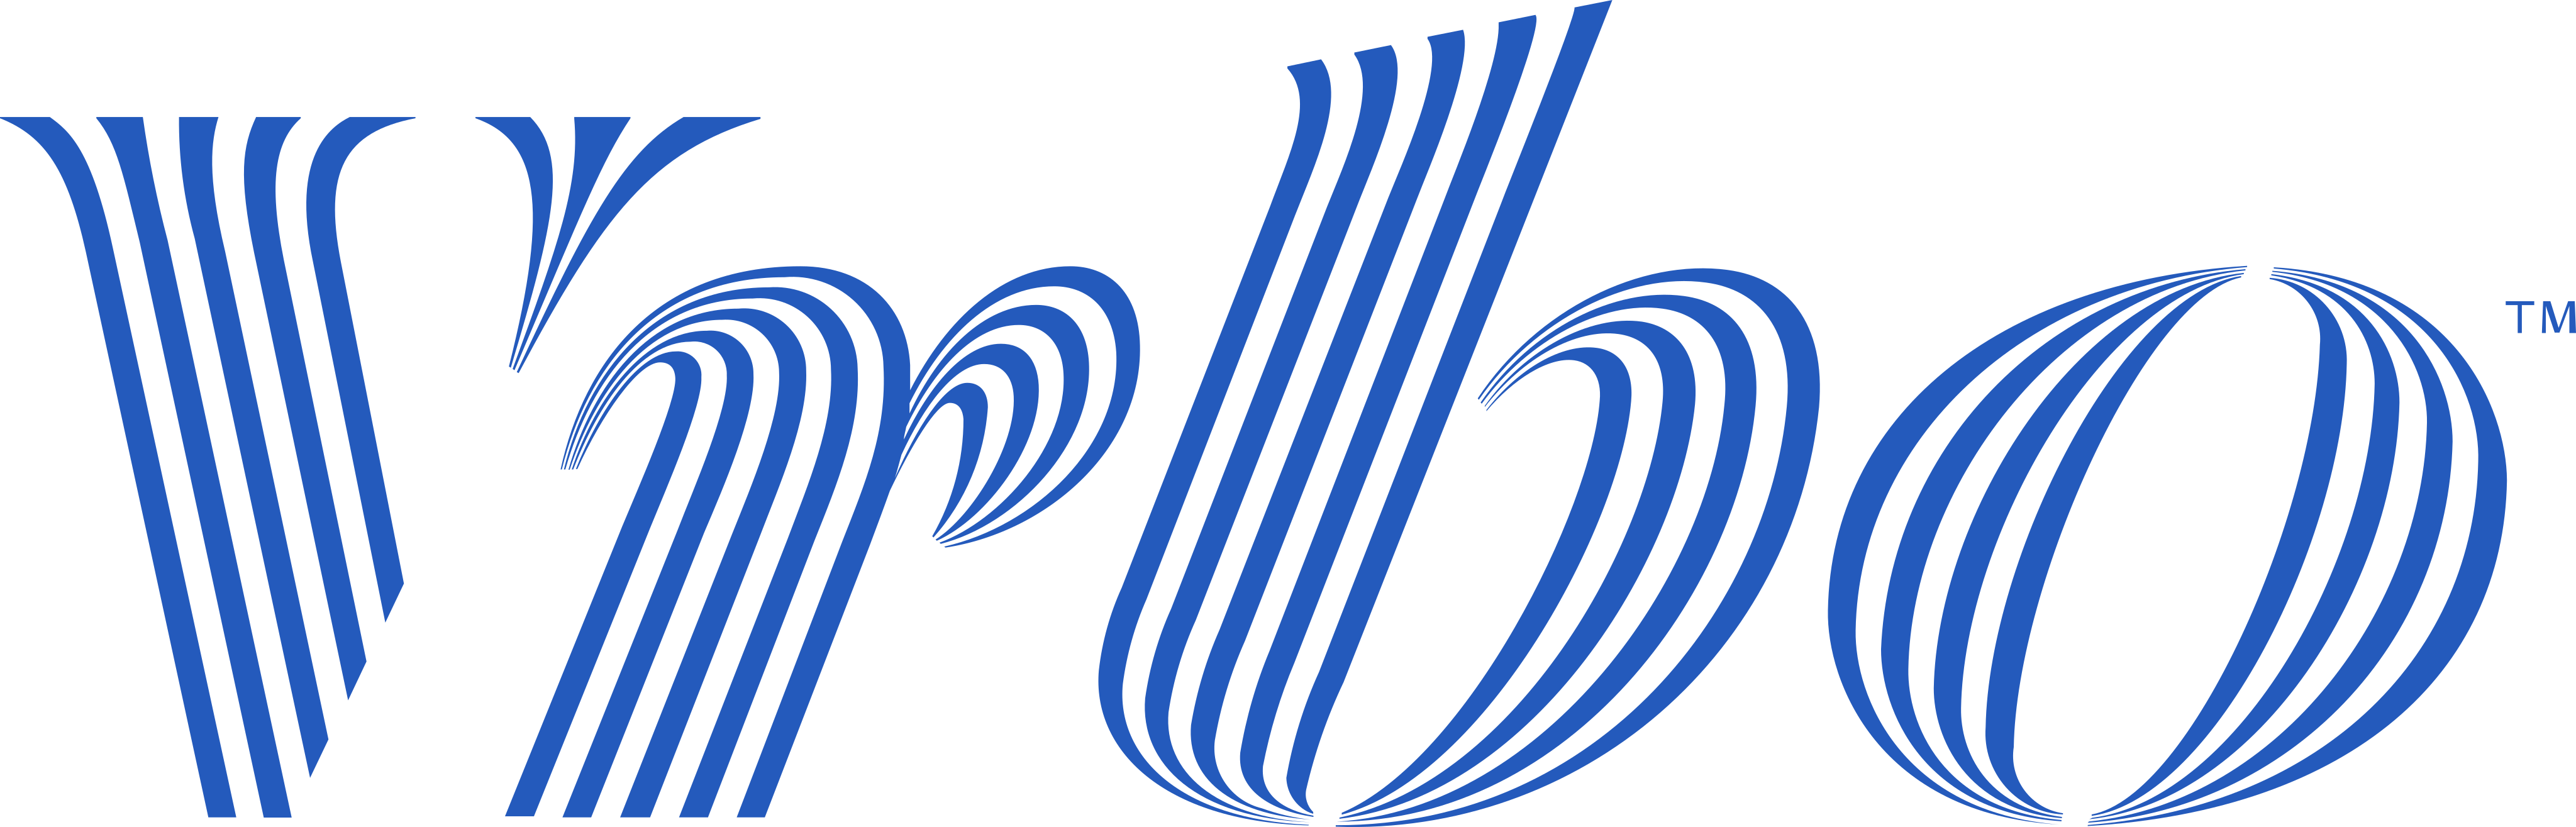 vrbo logo - VRBO Logo